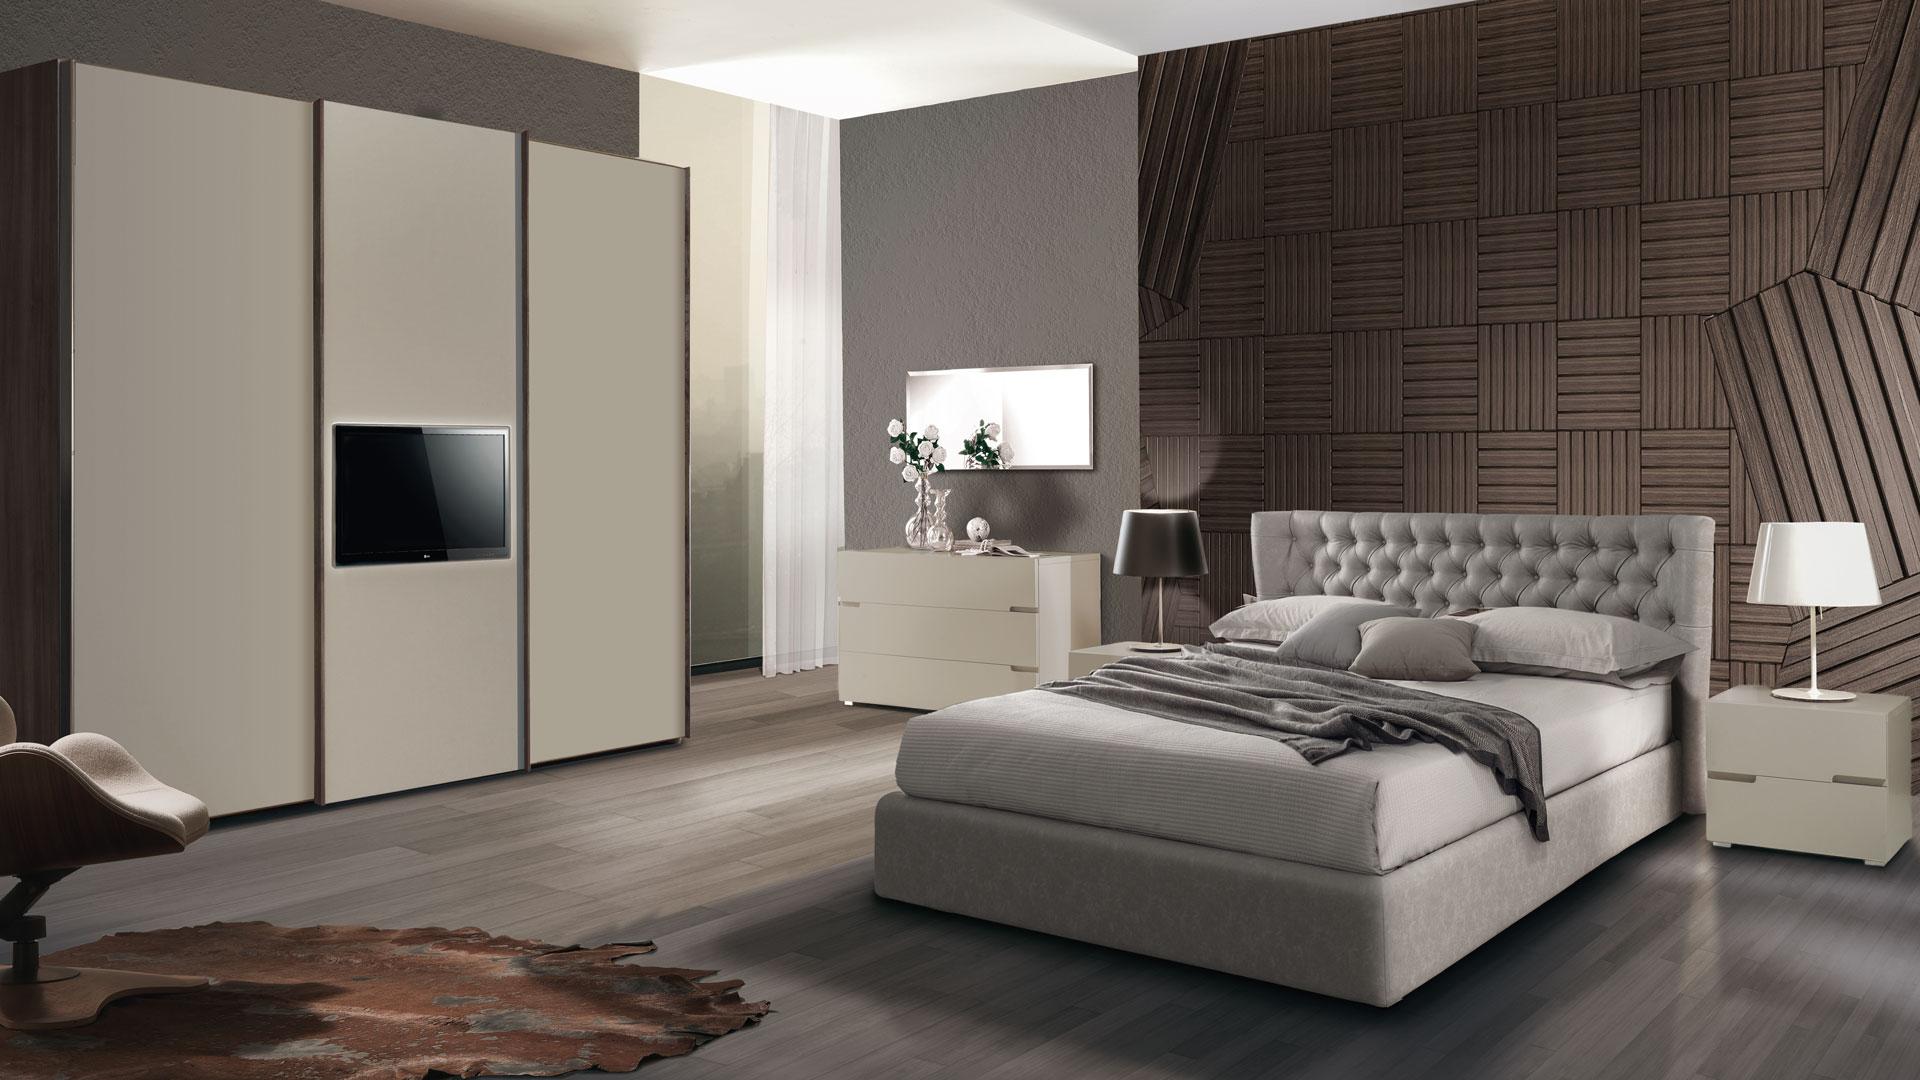 Camera letto manila af selezioni di arredamento - Camera da letto berloni ...